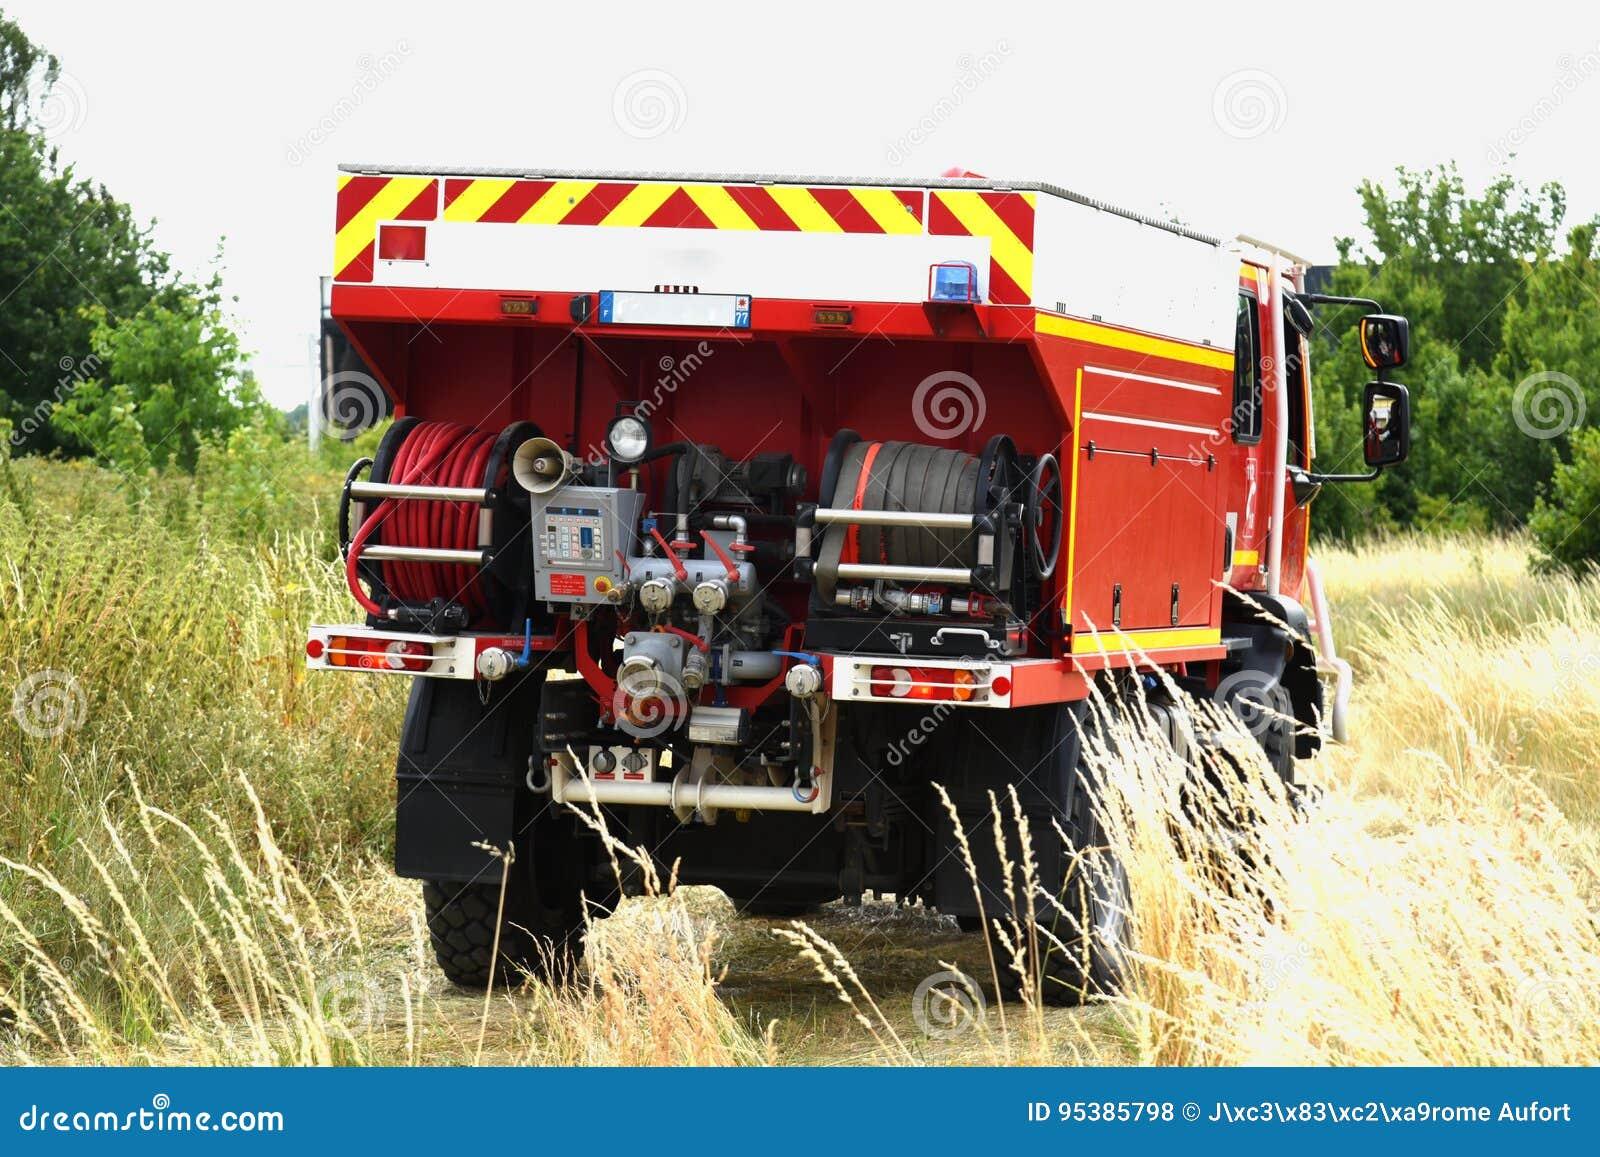 Neuer Glasgow Fire Department